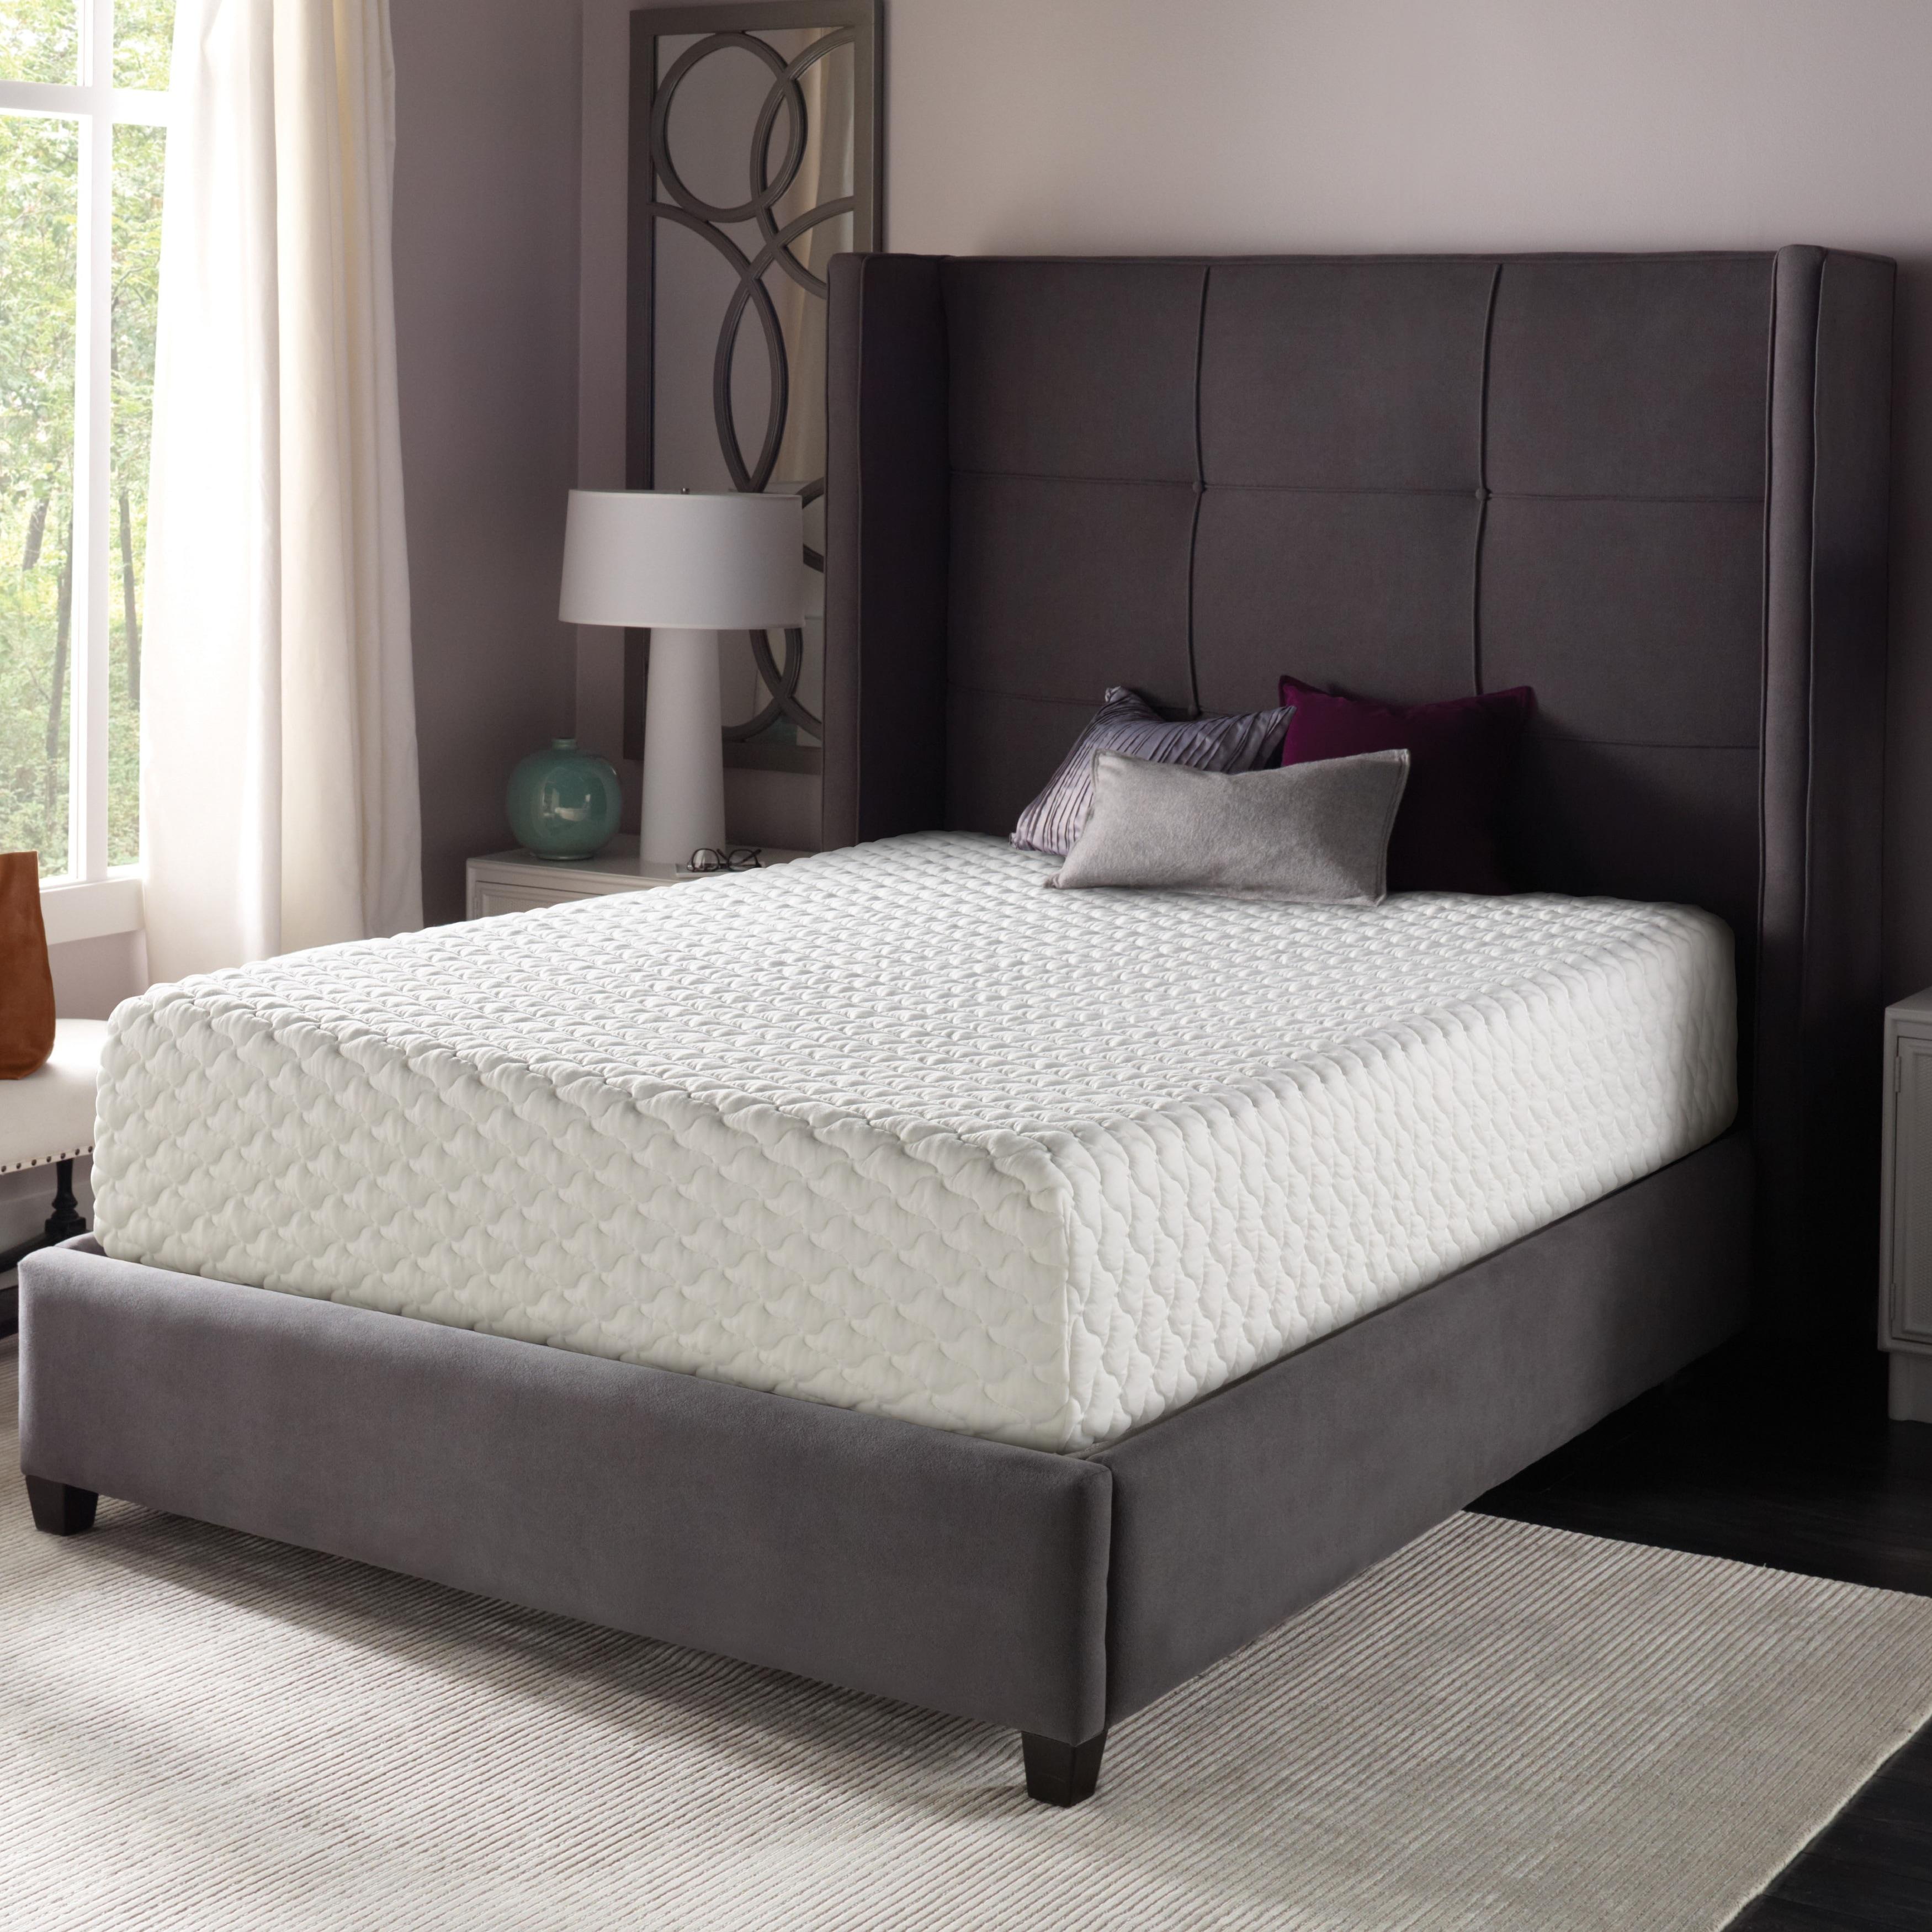 shop beautyrest 12-inch gel memory foam mattress in a box - free